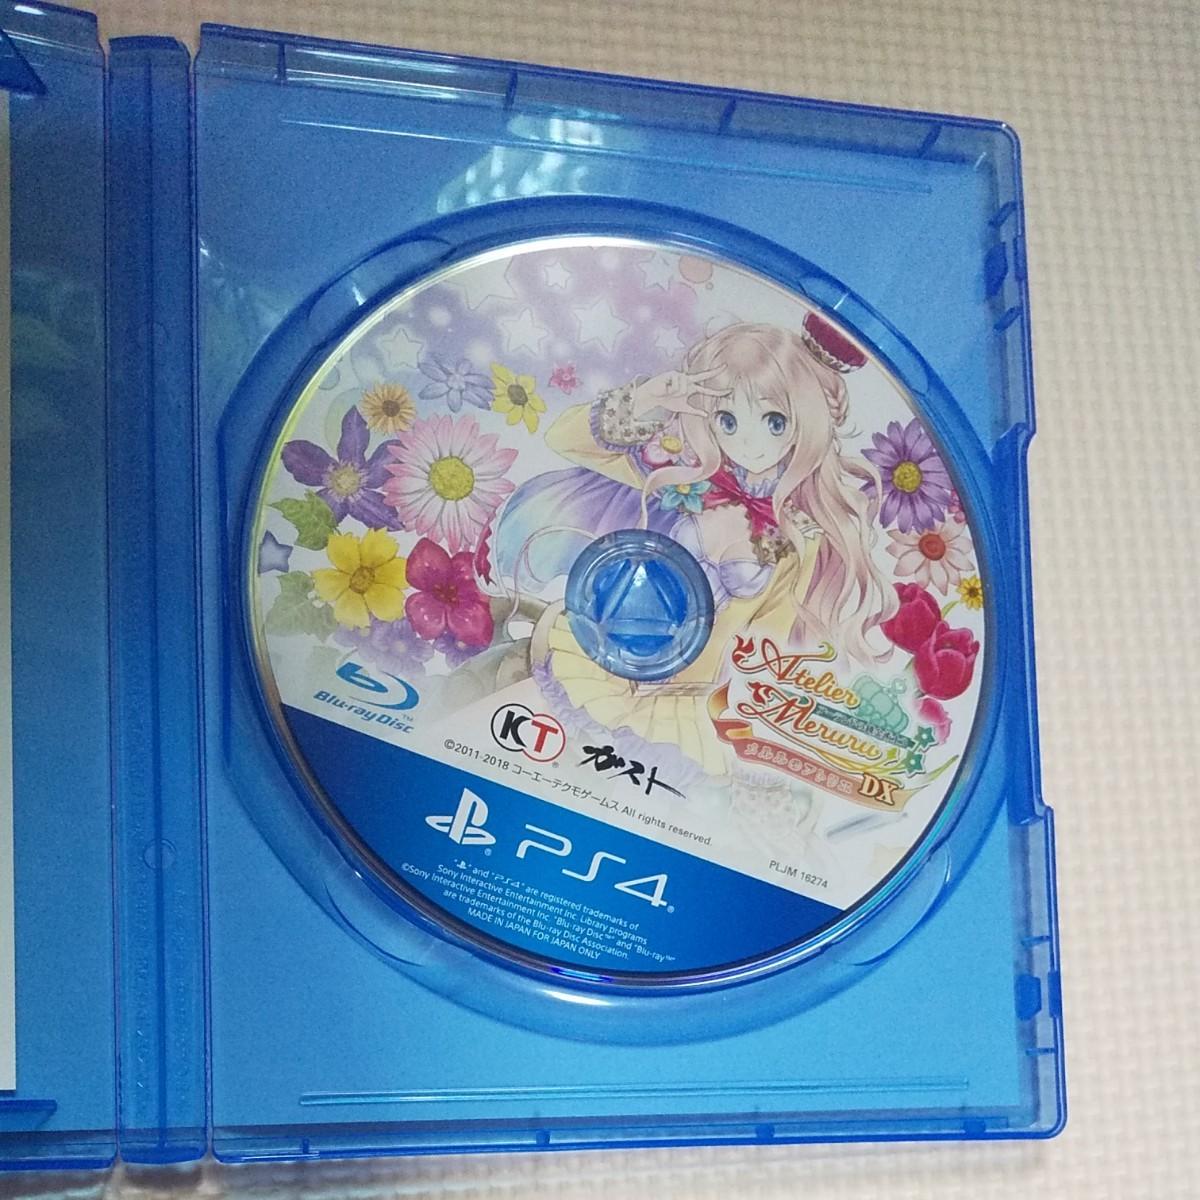 【PS4】 メルルのアトリエ ~アーランドの錬金術士3~ DX